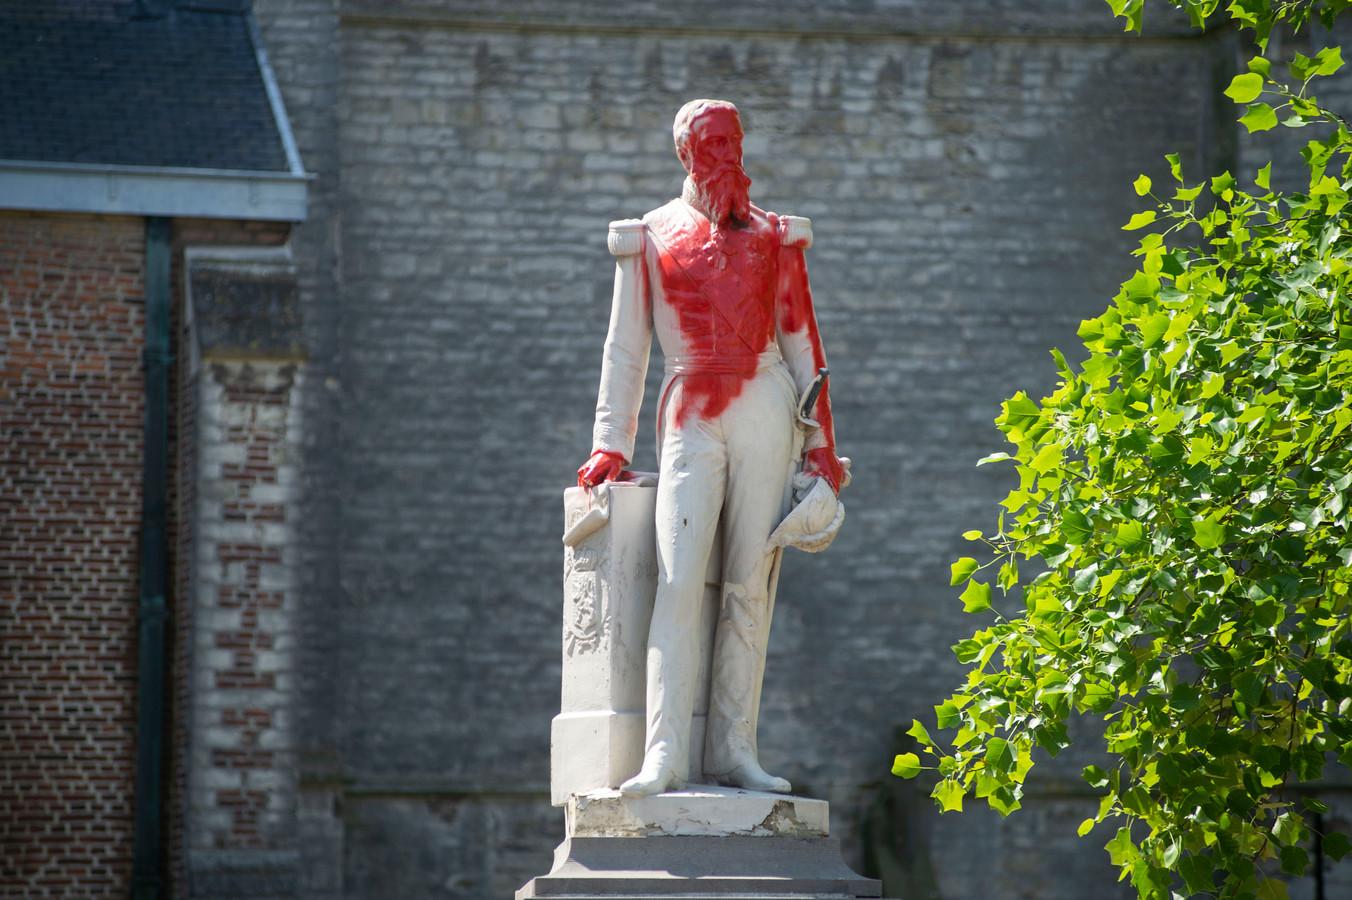 Ook in Ekeren werd het standbeeld beklad.